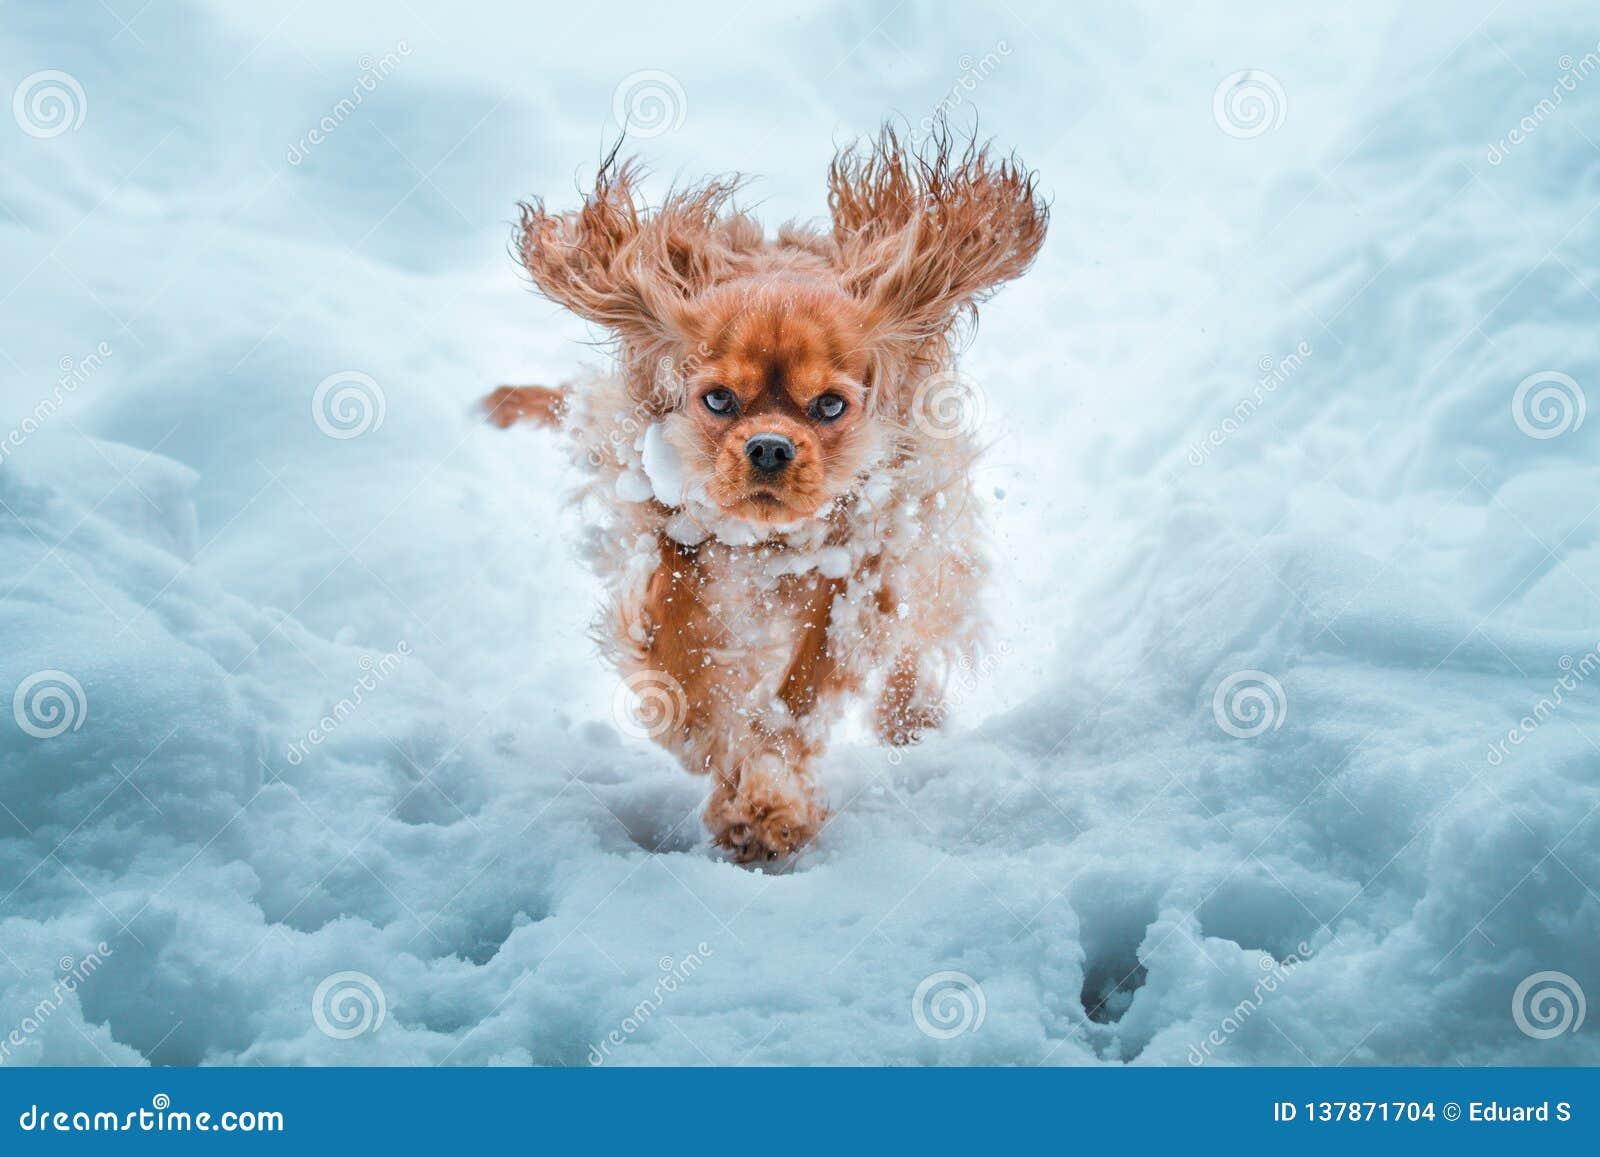 骑士国王查尔斯狗狗runnung在冬天